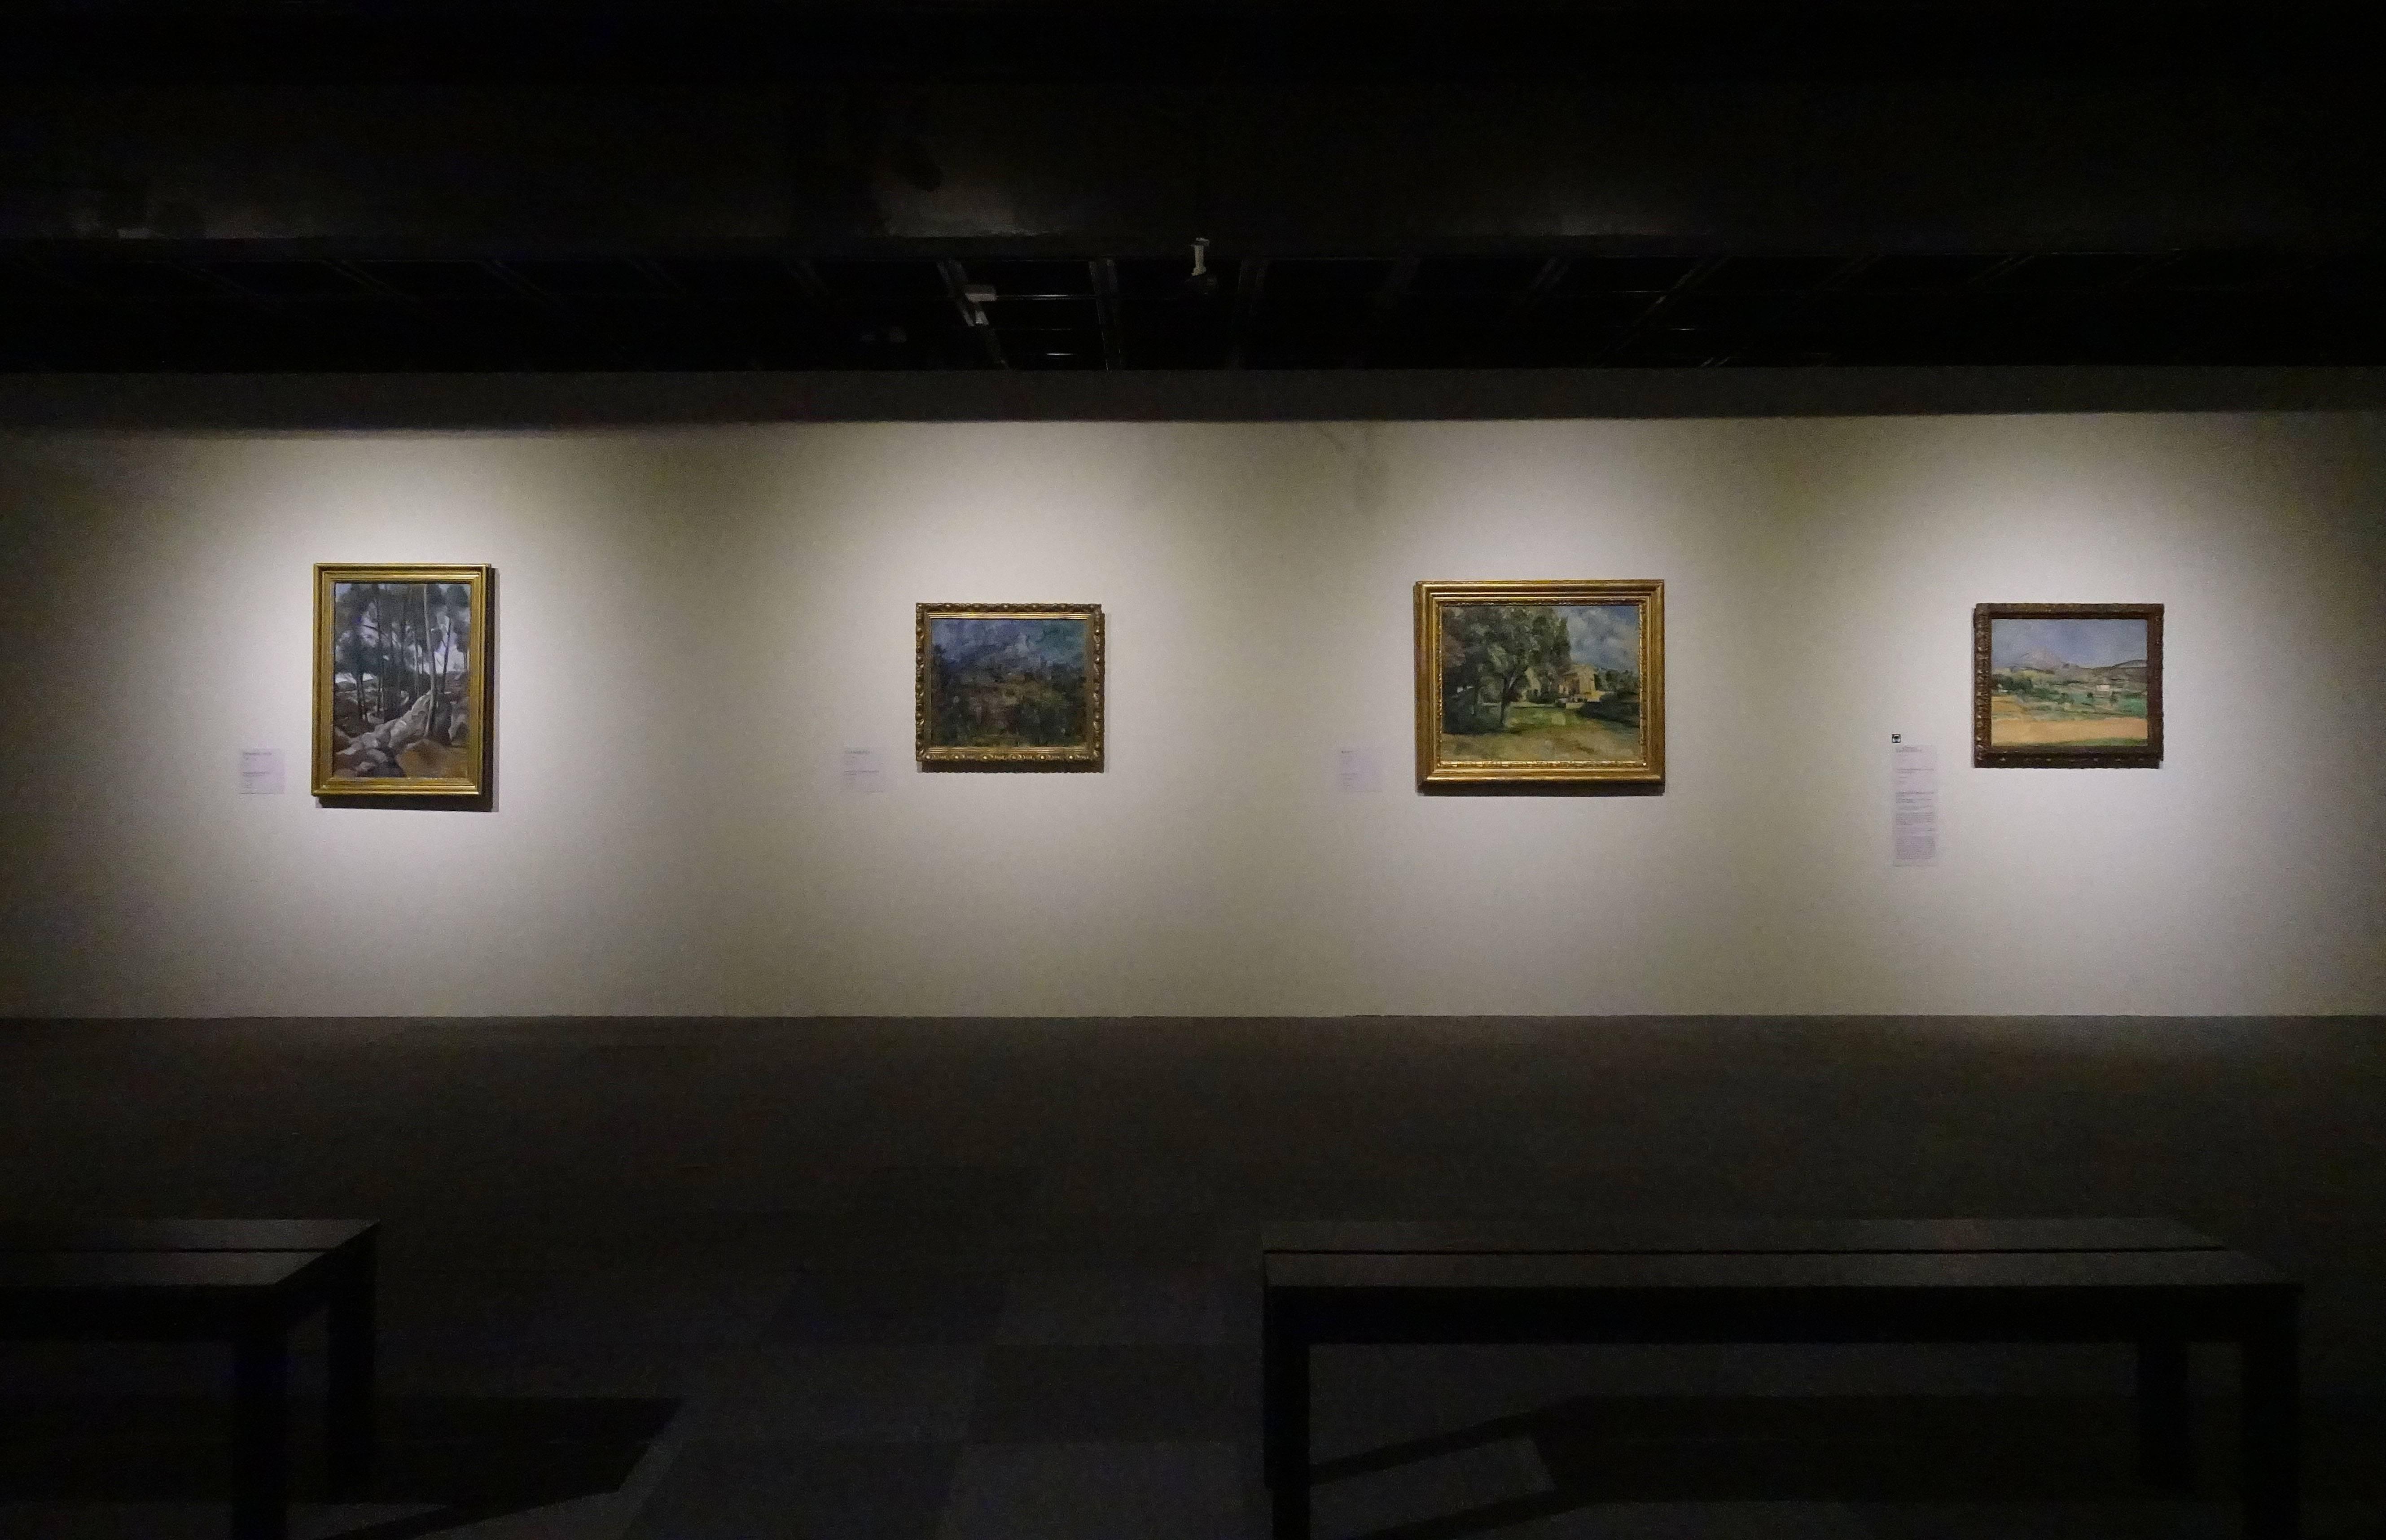 【悠遊風景繪畫-俄羅斯普希金博物館特展】展場一景。